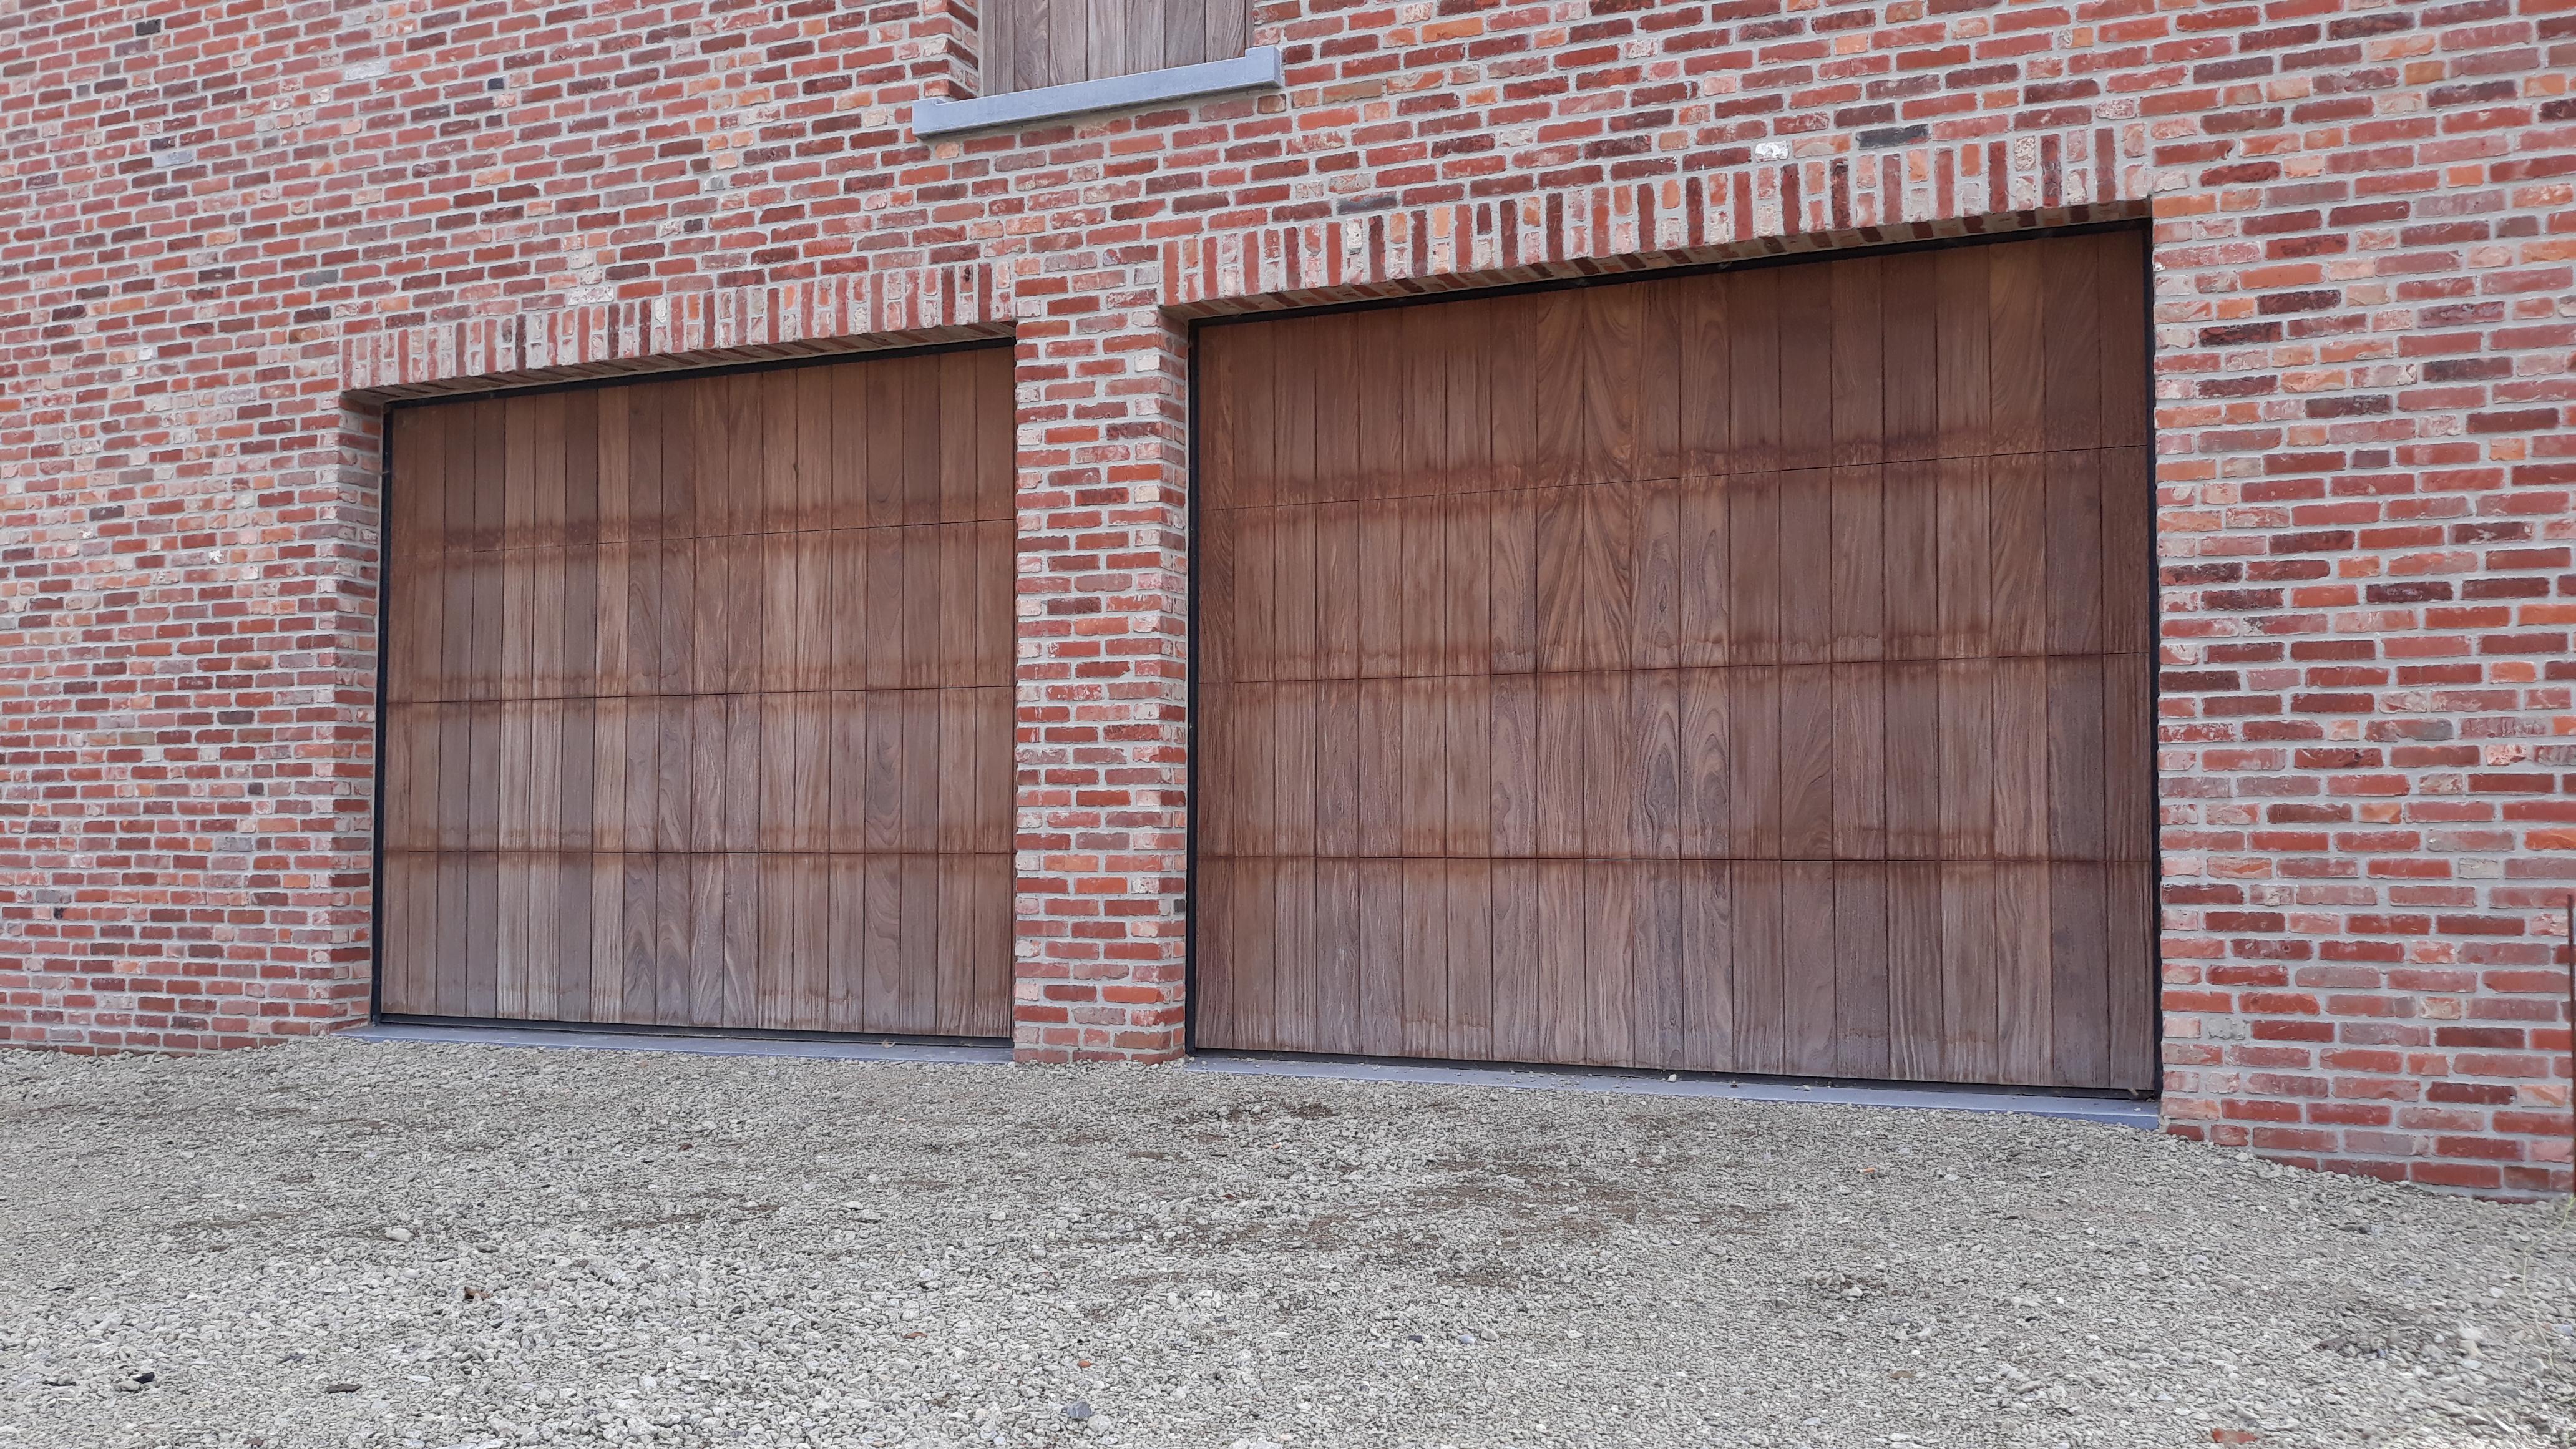 garagepoort met hout bekleed